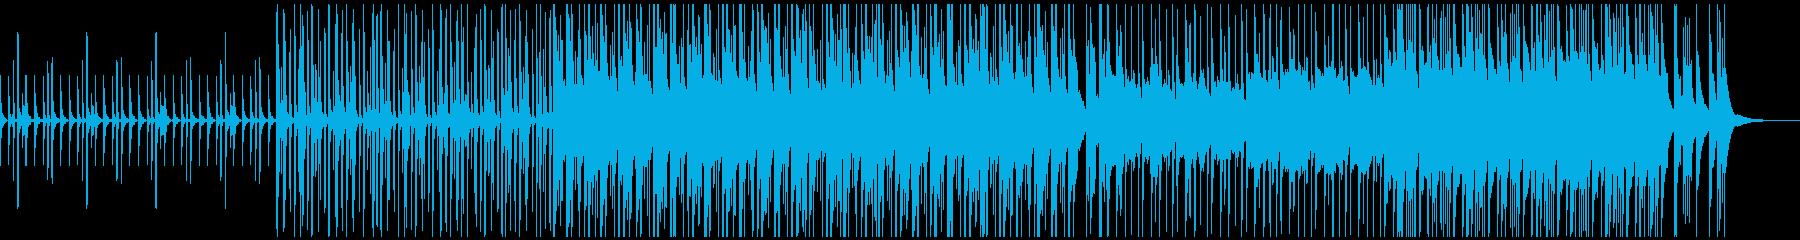 ストリングスを使ったオーガニックポップの再生済みの波形